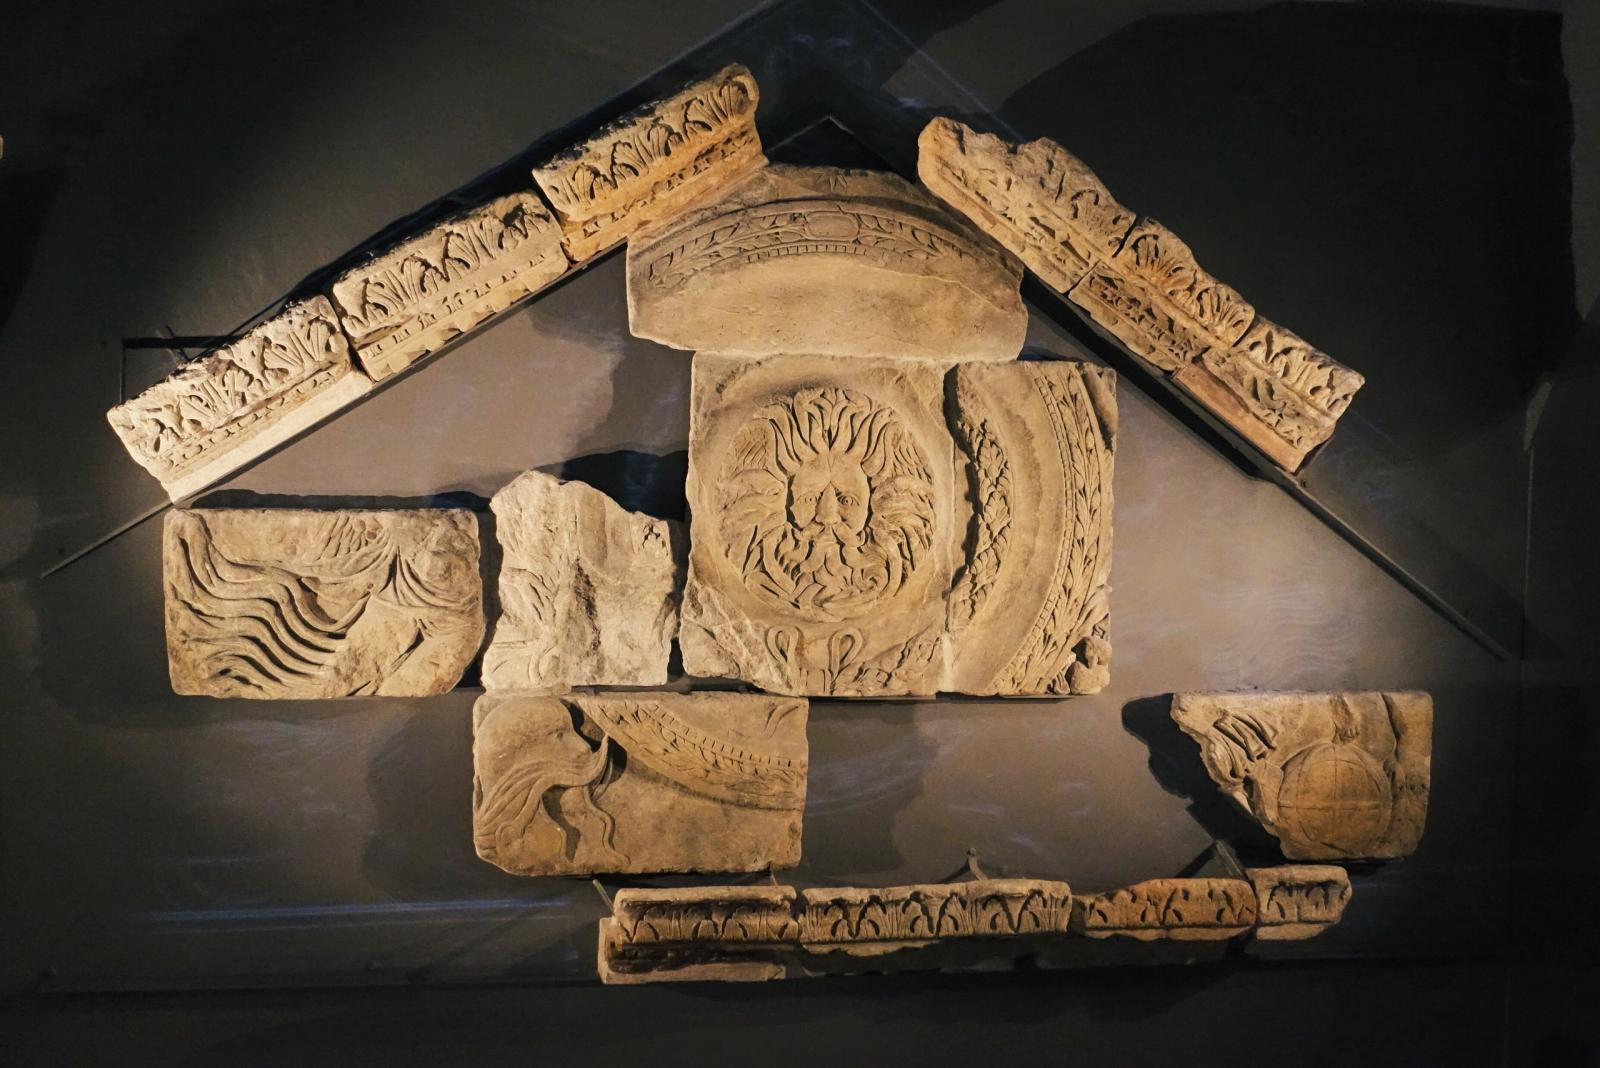 Temple pediment at Roman Baths museum